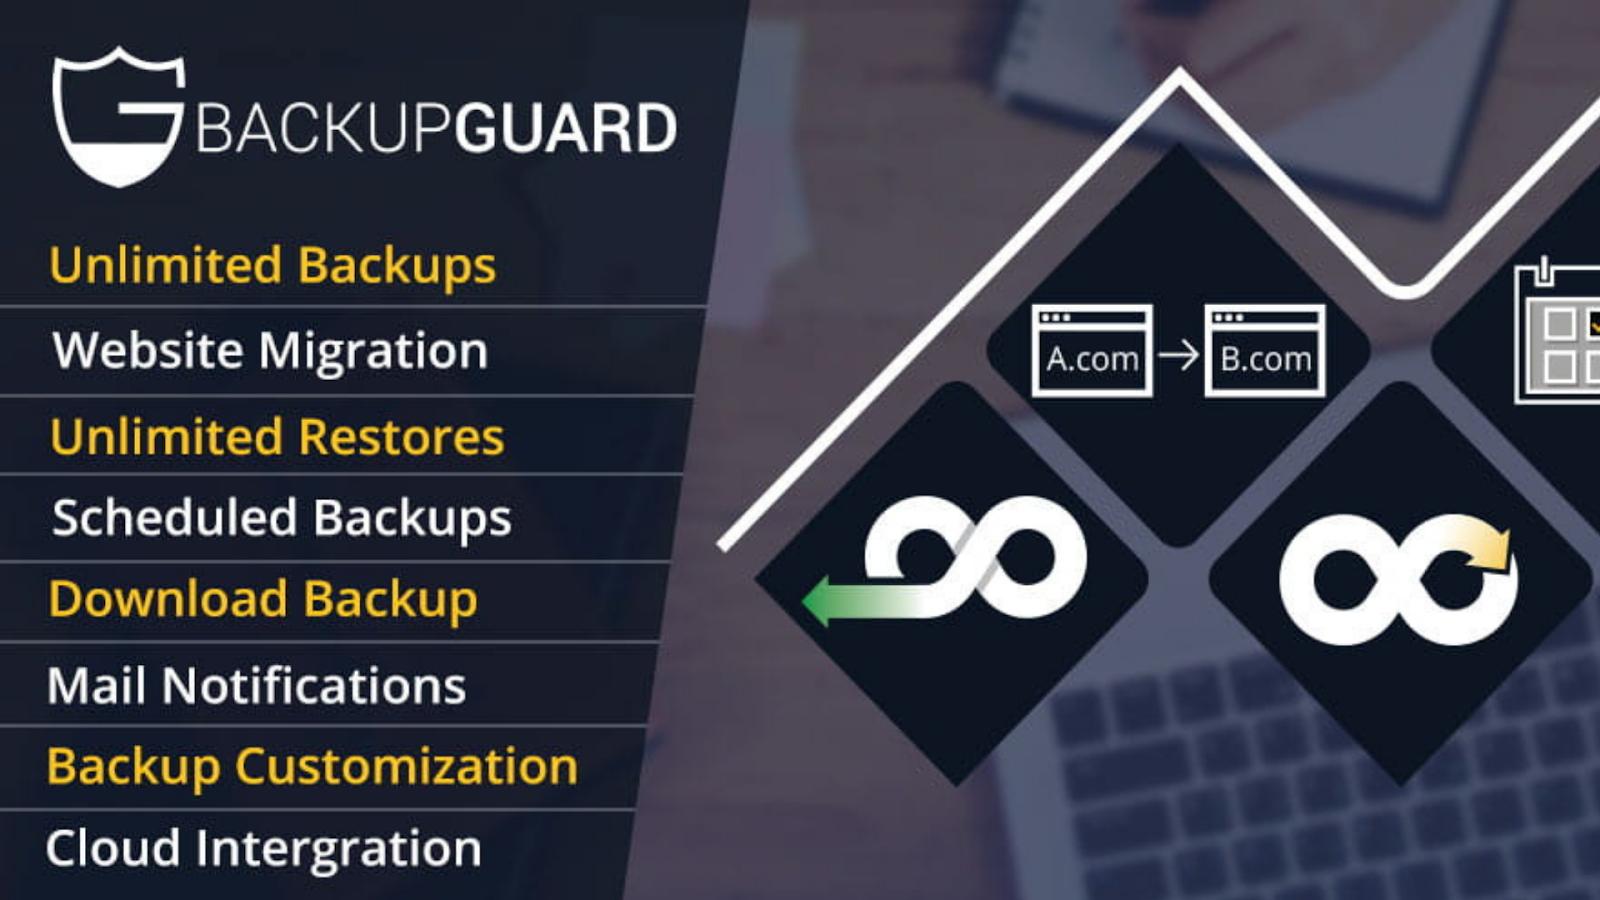 Backup Guard